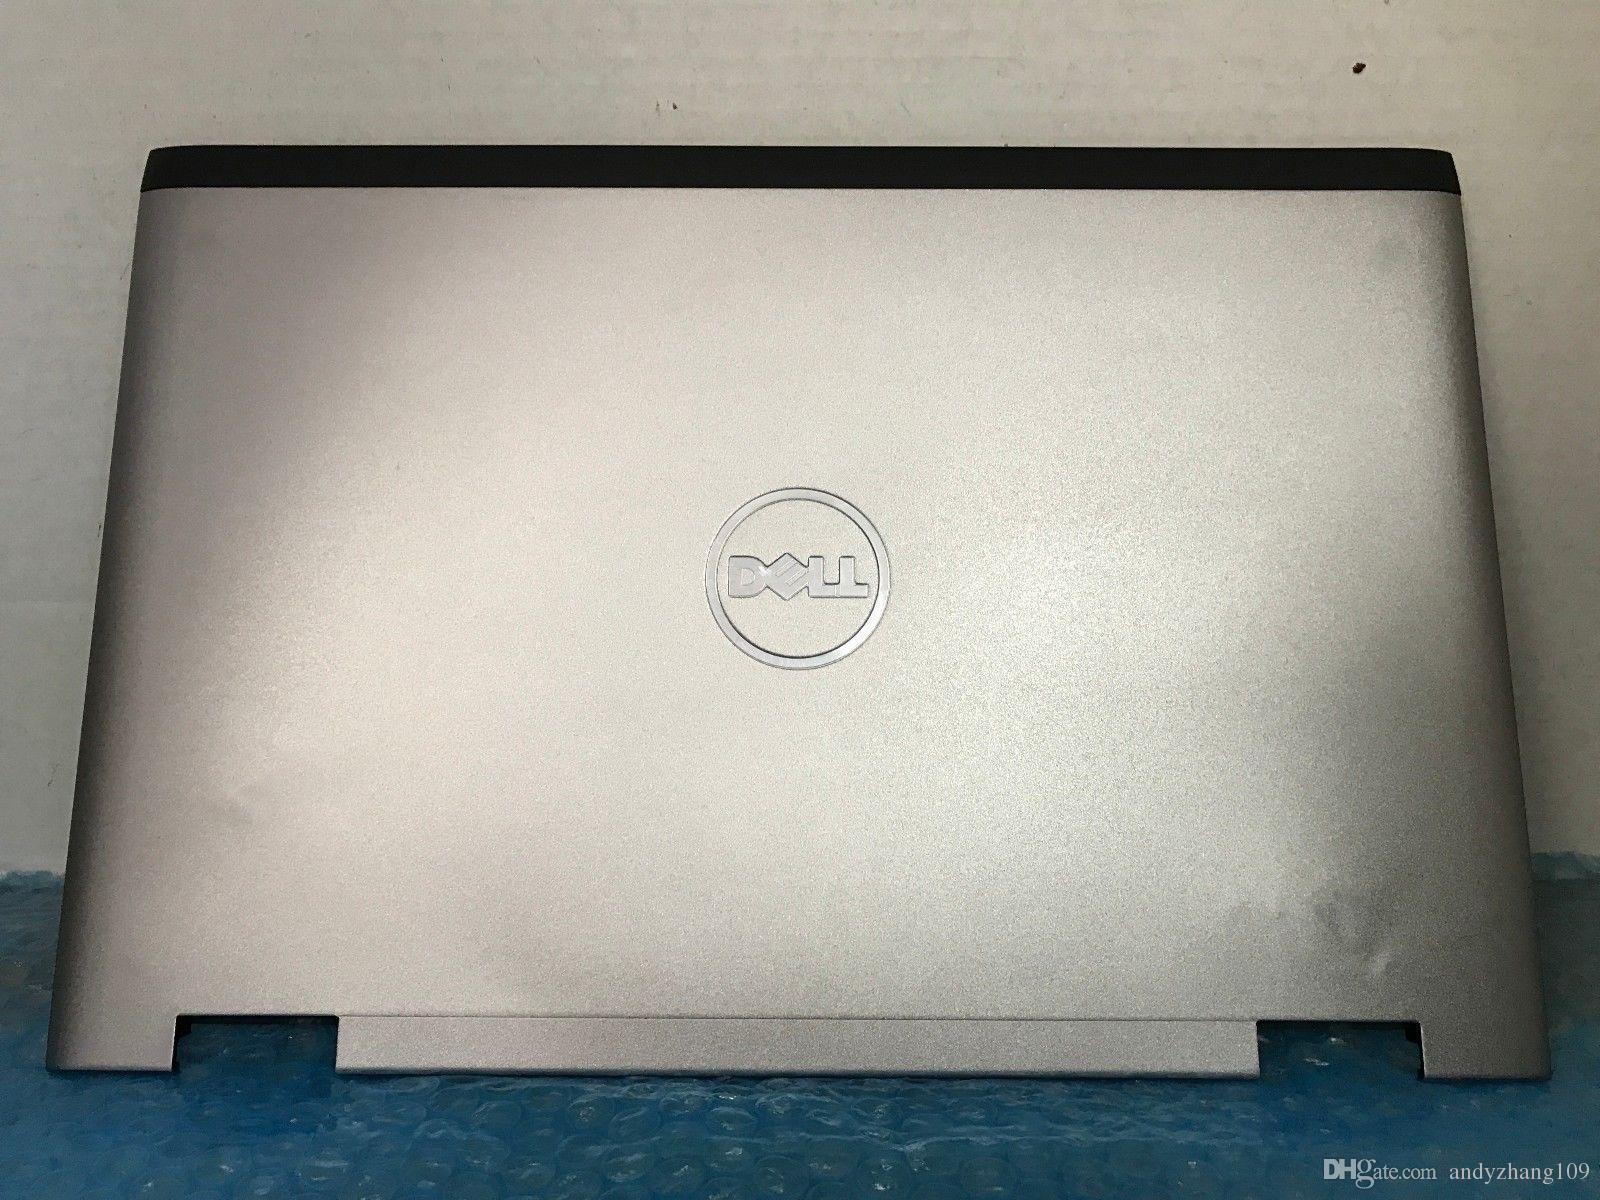 DELL Vostro 3450 V3450 laptop Için YENI gümüş LCD Arka kapak THT45 0THT45 3AV02LCWI50